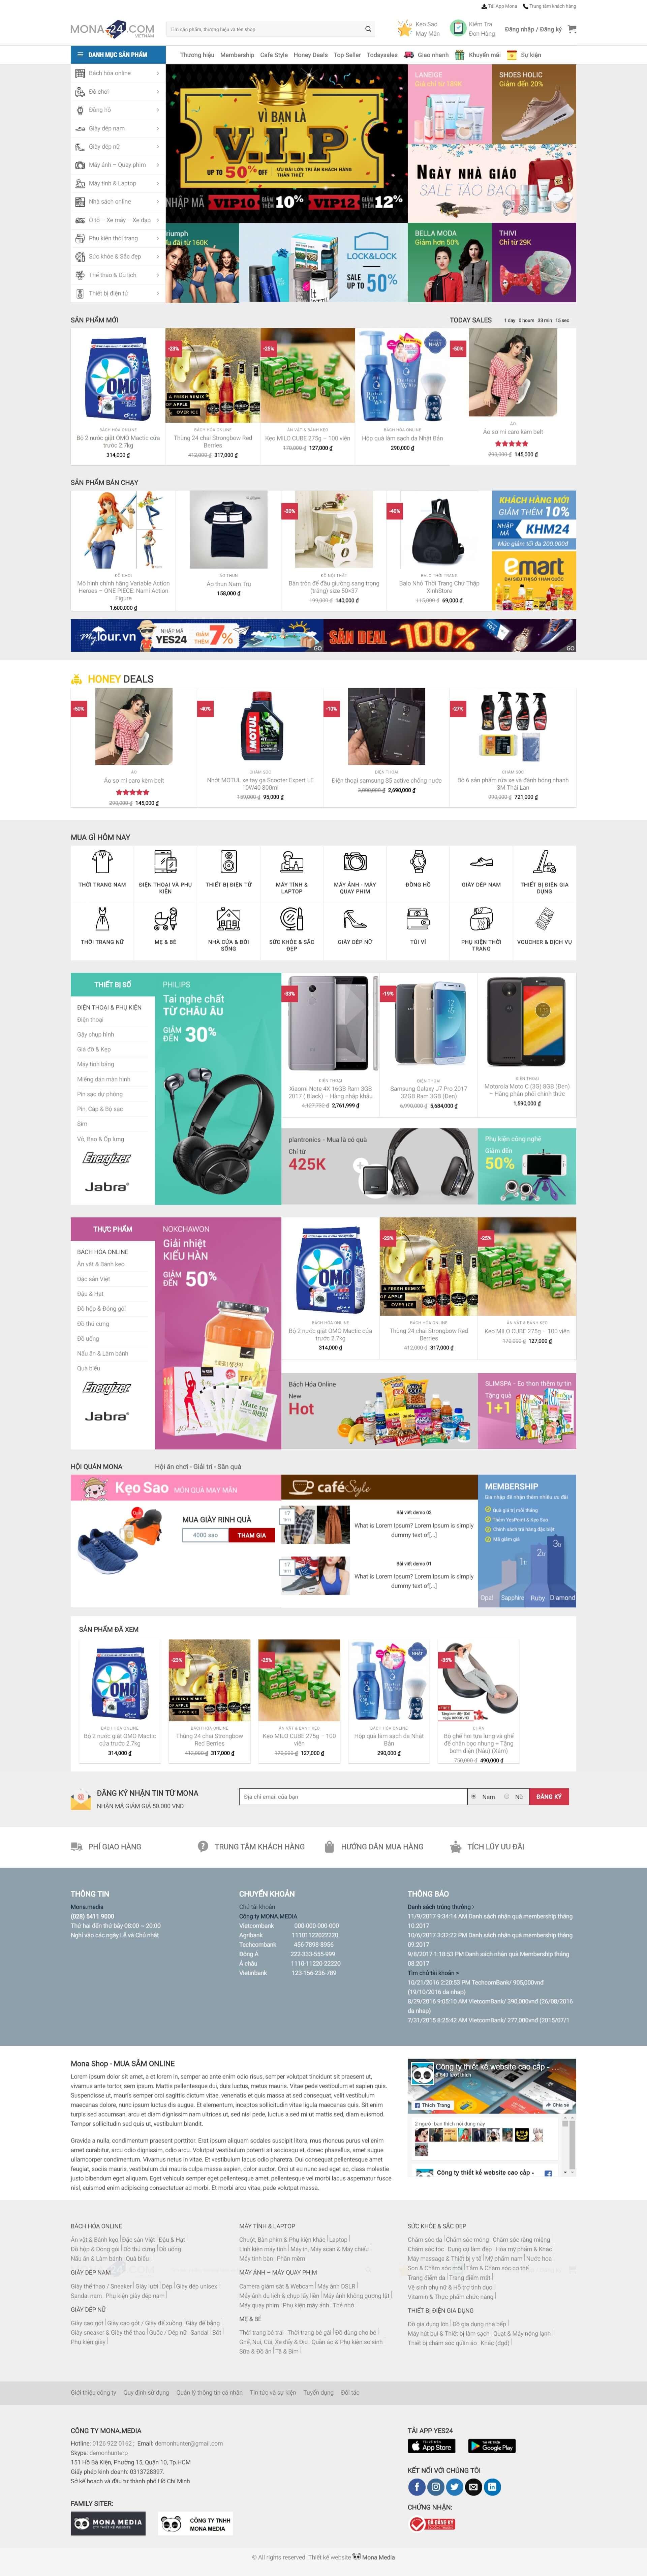 Mẫu Website Bán Hàng Siêu Thị Giống Yes24